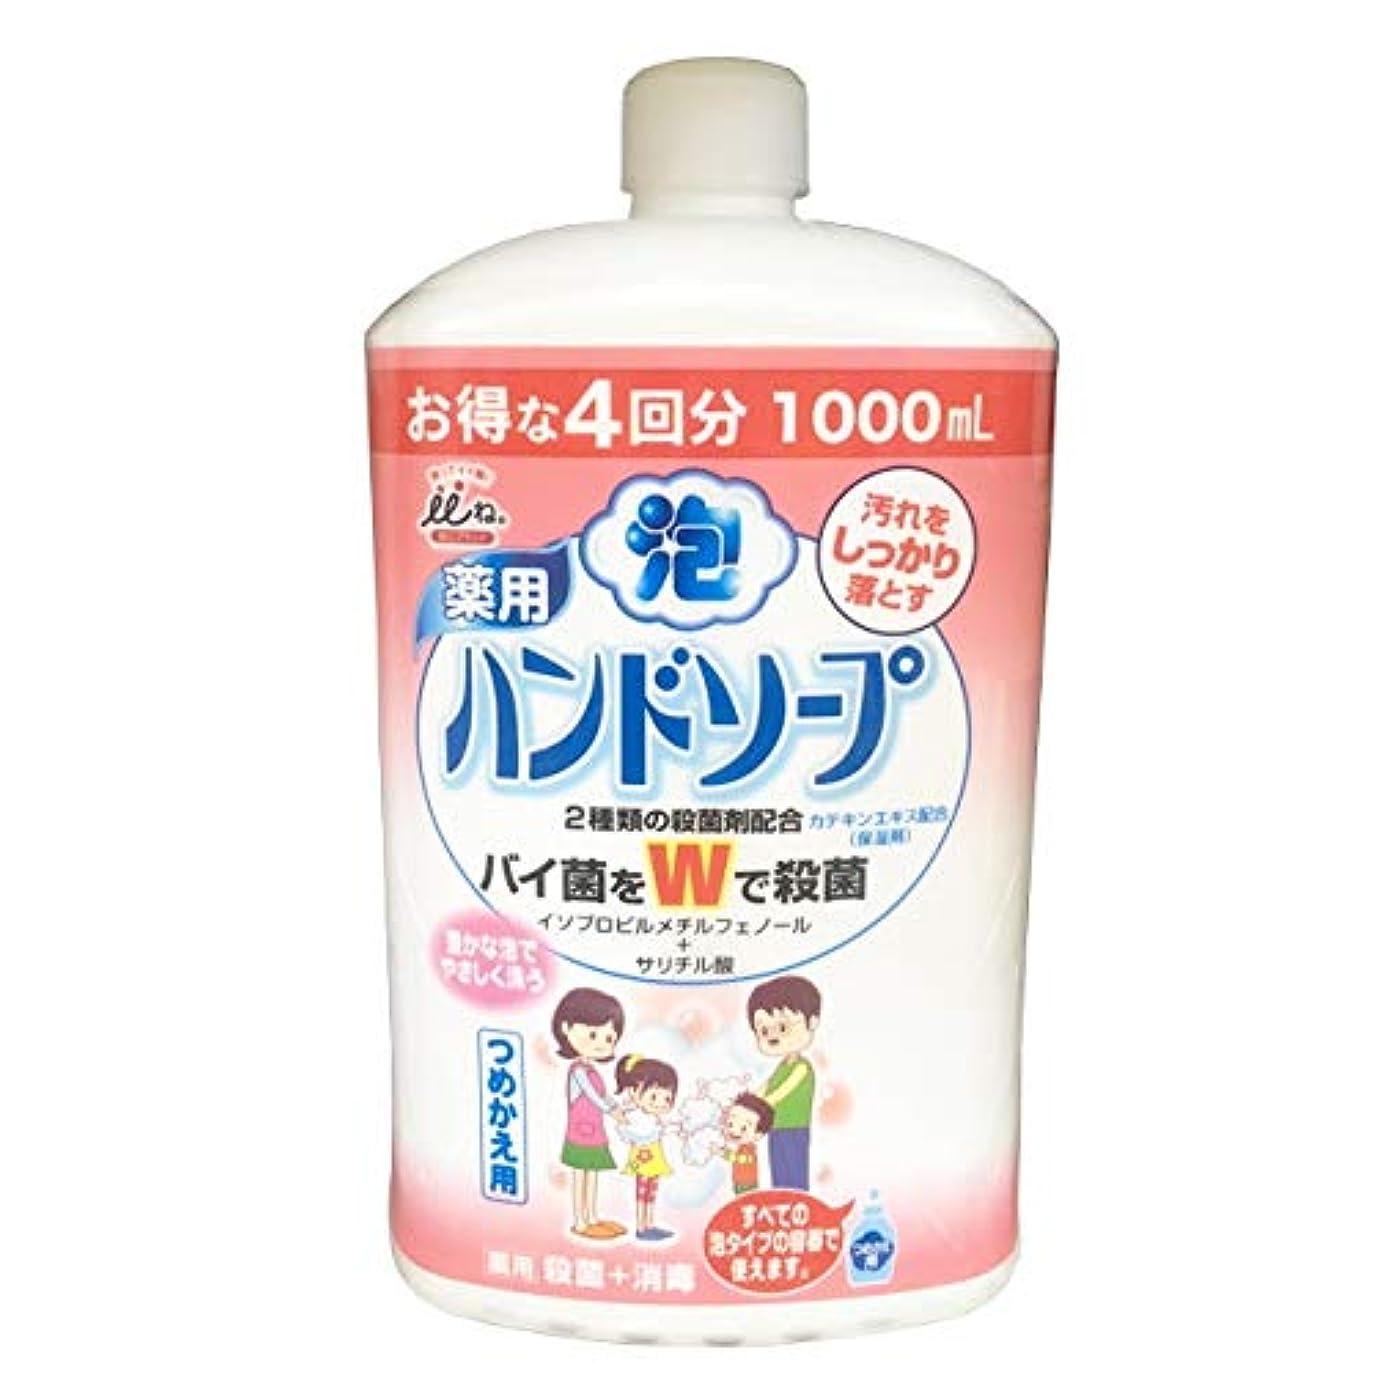 忘れる右石鹸いいね。W殺菌泡ハンドソープ詰替 せっけん 1000ML